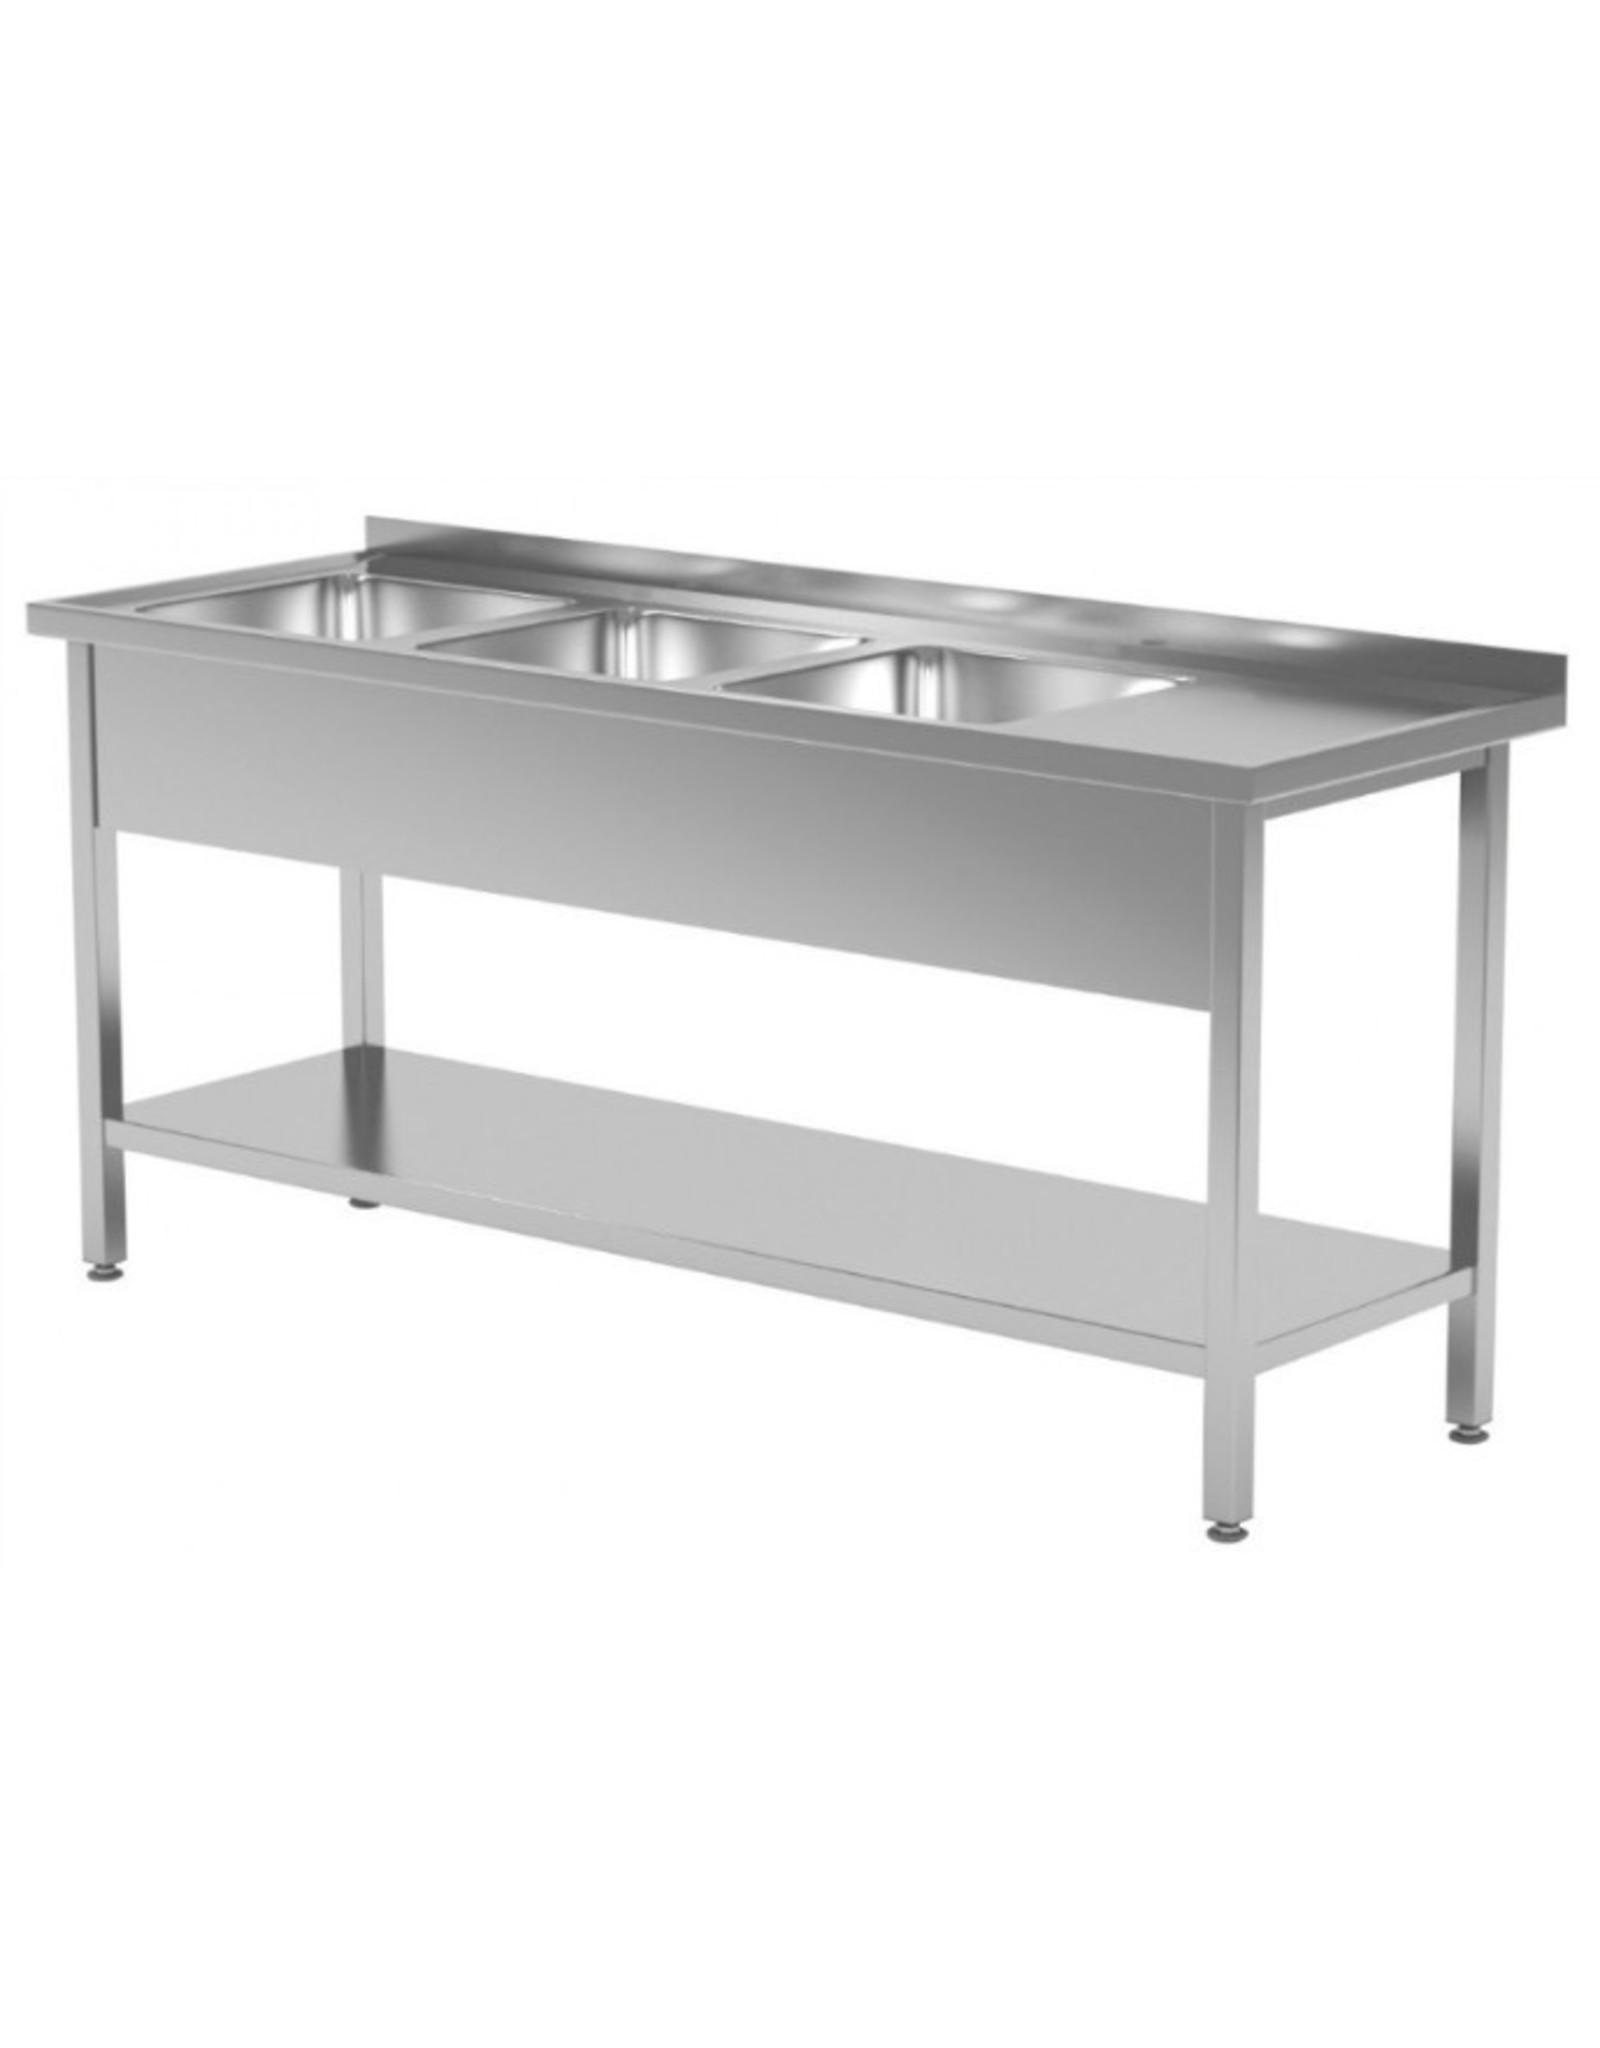 Spoeltafel | met onderplank | 3 spoelbakken links | 1500-1900mm breed | 600 of 700mm diep